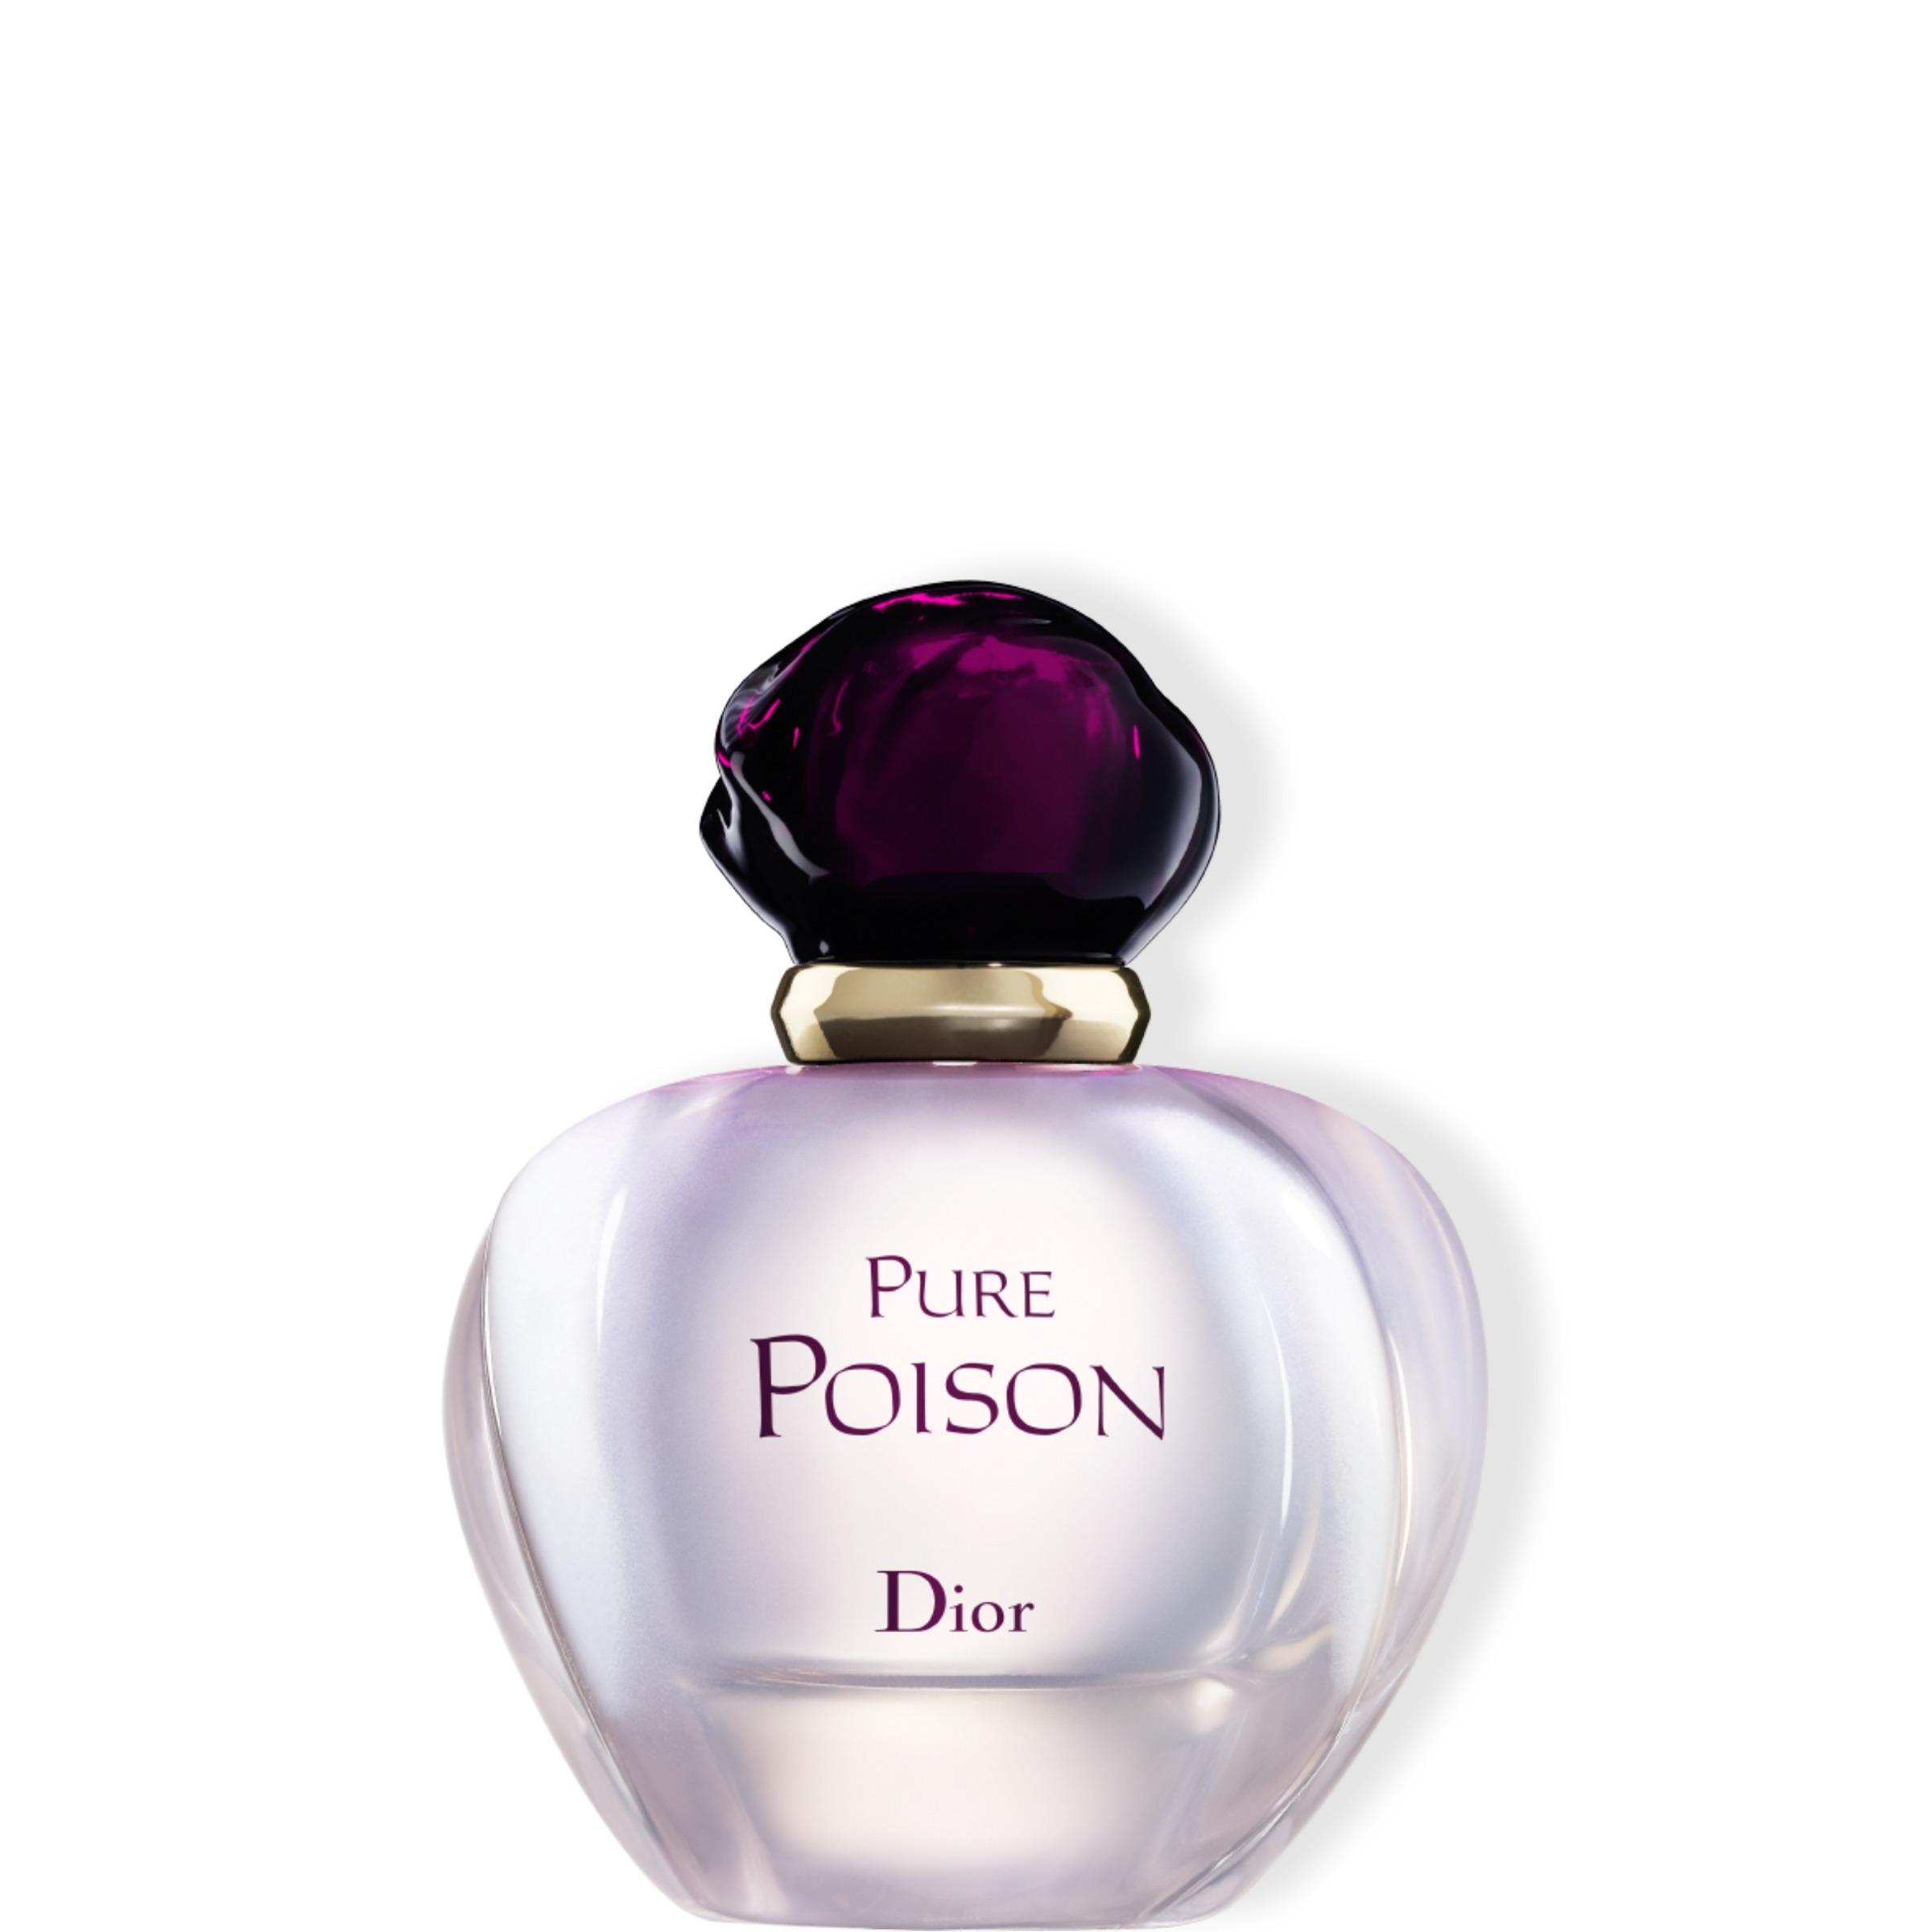 Pure Poison Eau de Parfum 50ml